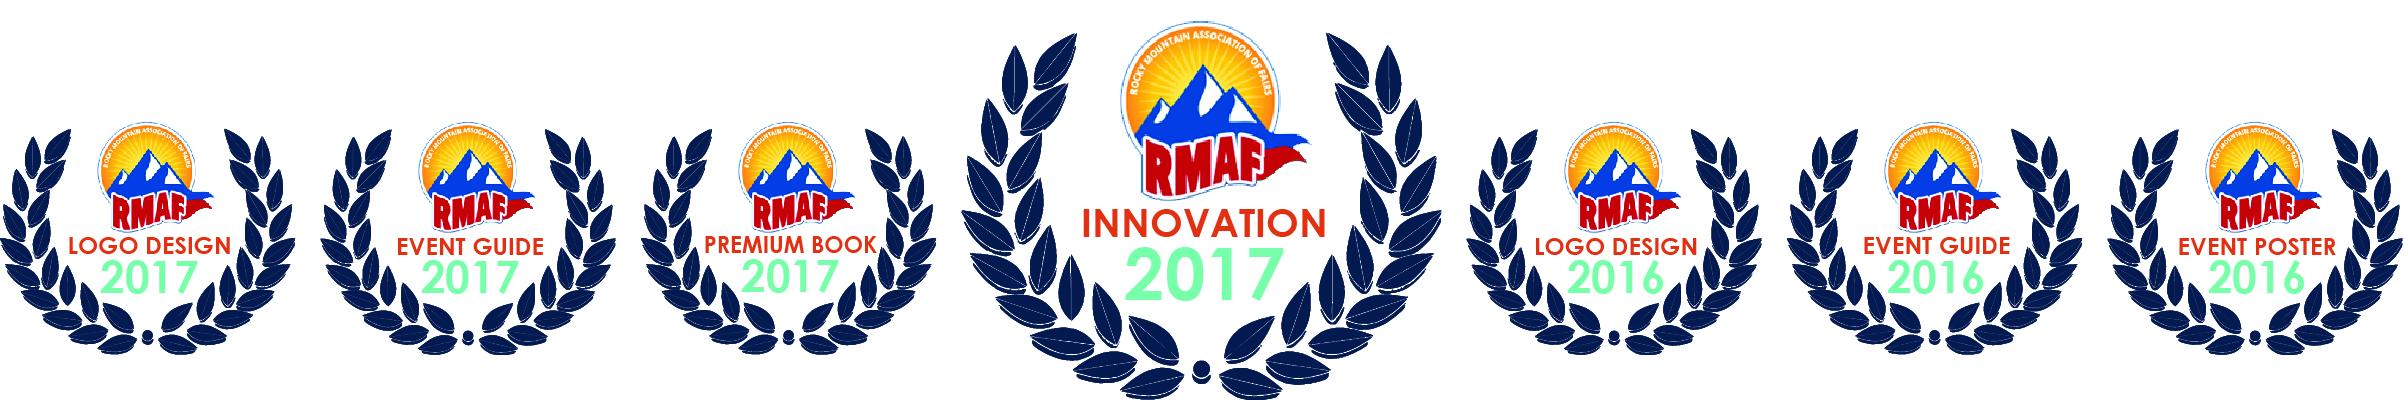 RMAFAWARDS.jpg